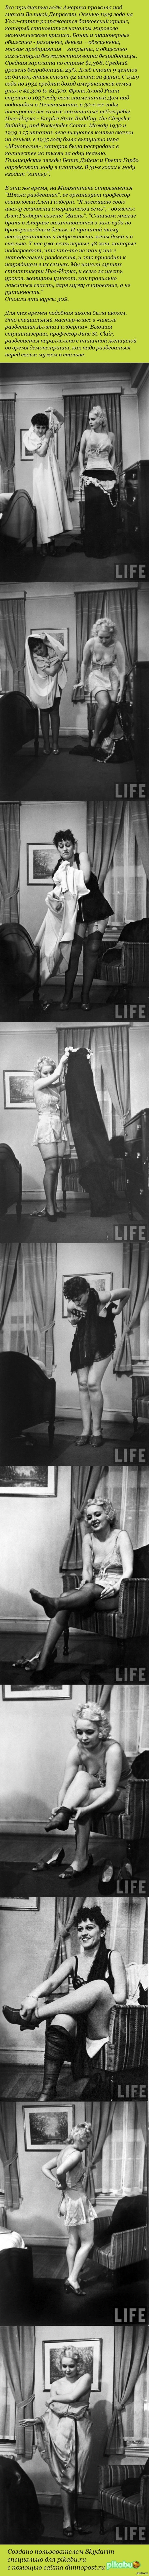 """""""Как должна вести себя примерная жена"""" или  сомнительные советы из 1930 это своеобразная инструкция для будущей жены, которая рассказывает, как правильно... раздеться для мужа"""